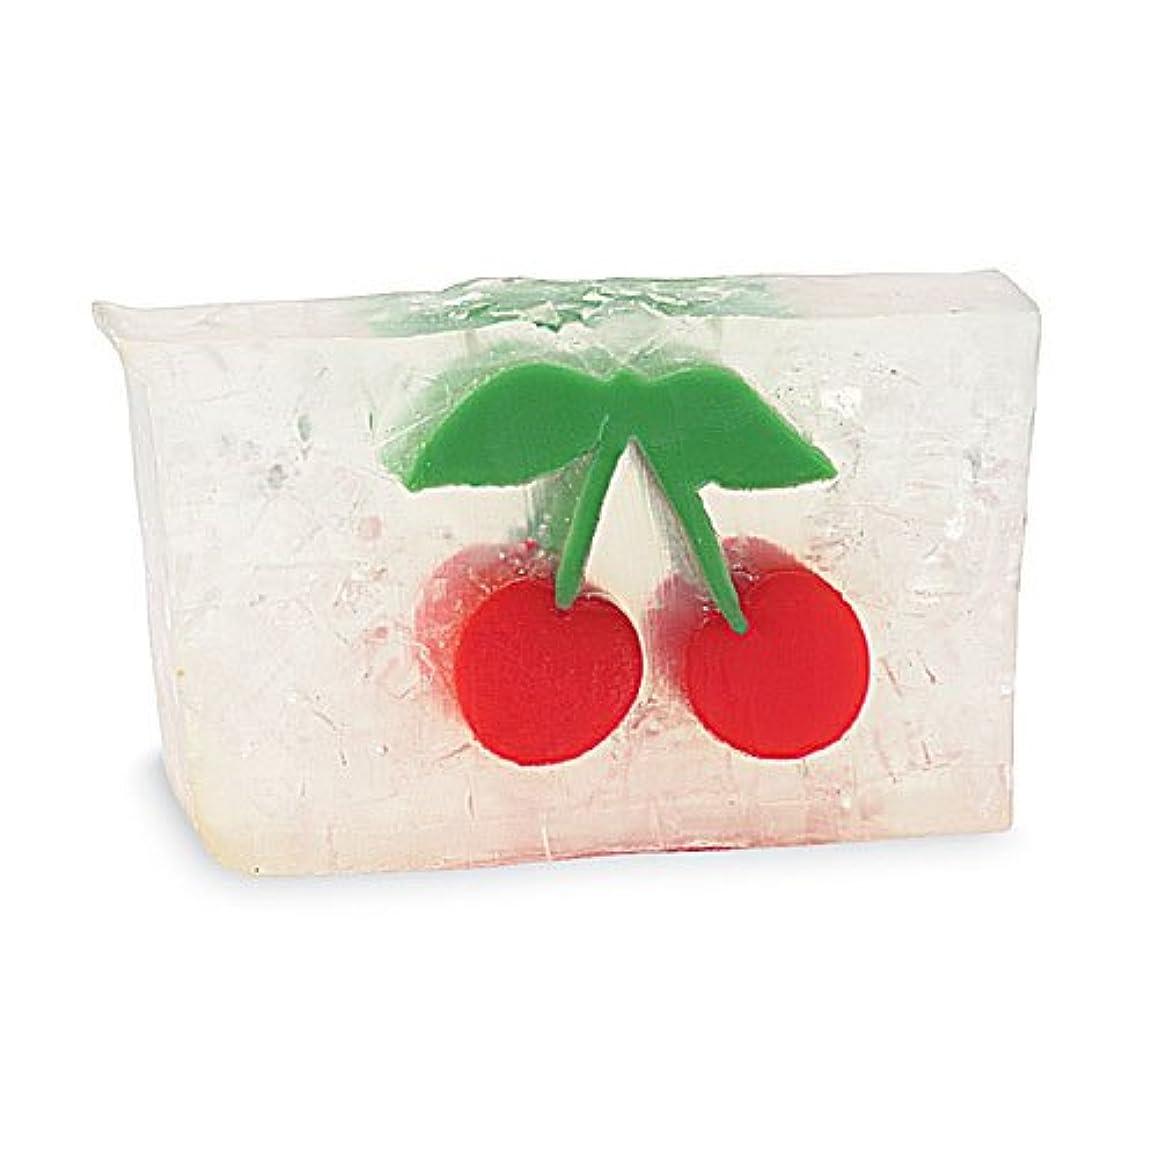 バランスのとれたトマト不規則性プライモールエレメンツ アロマティック ソープ チェリー 180g 植物性 ナチュラル 石鹸 無添加